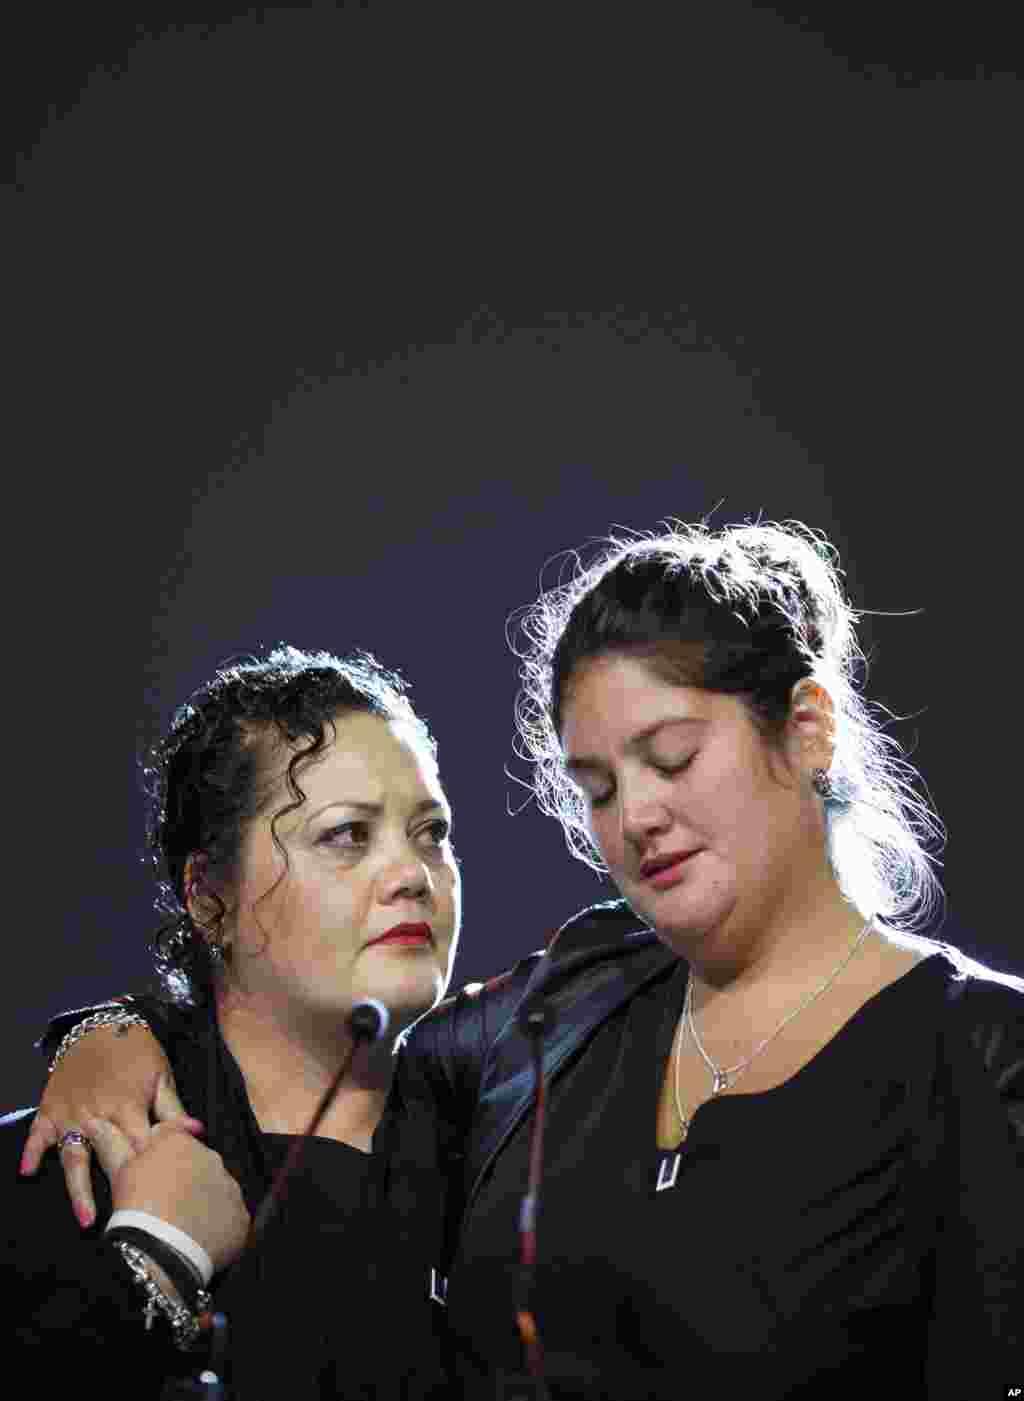 Kerabat dan kawan para korban bencana Malaysia Airlines bernomor penerbangan MH17 menghadiri upacara peringatan di RAI, Amsterdam (10/11).(AP/Jasper Juinen)